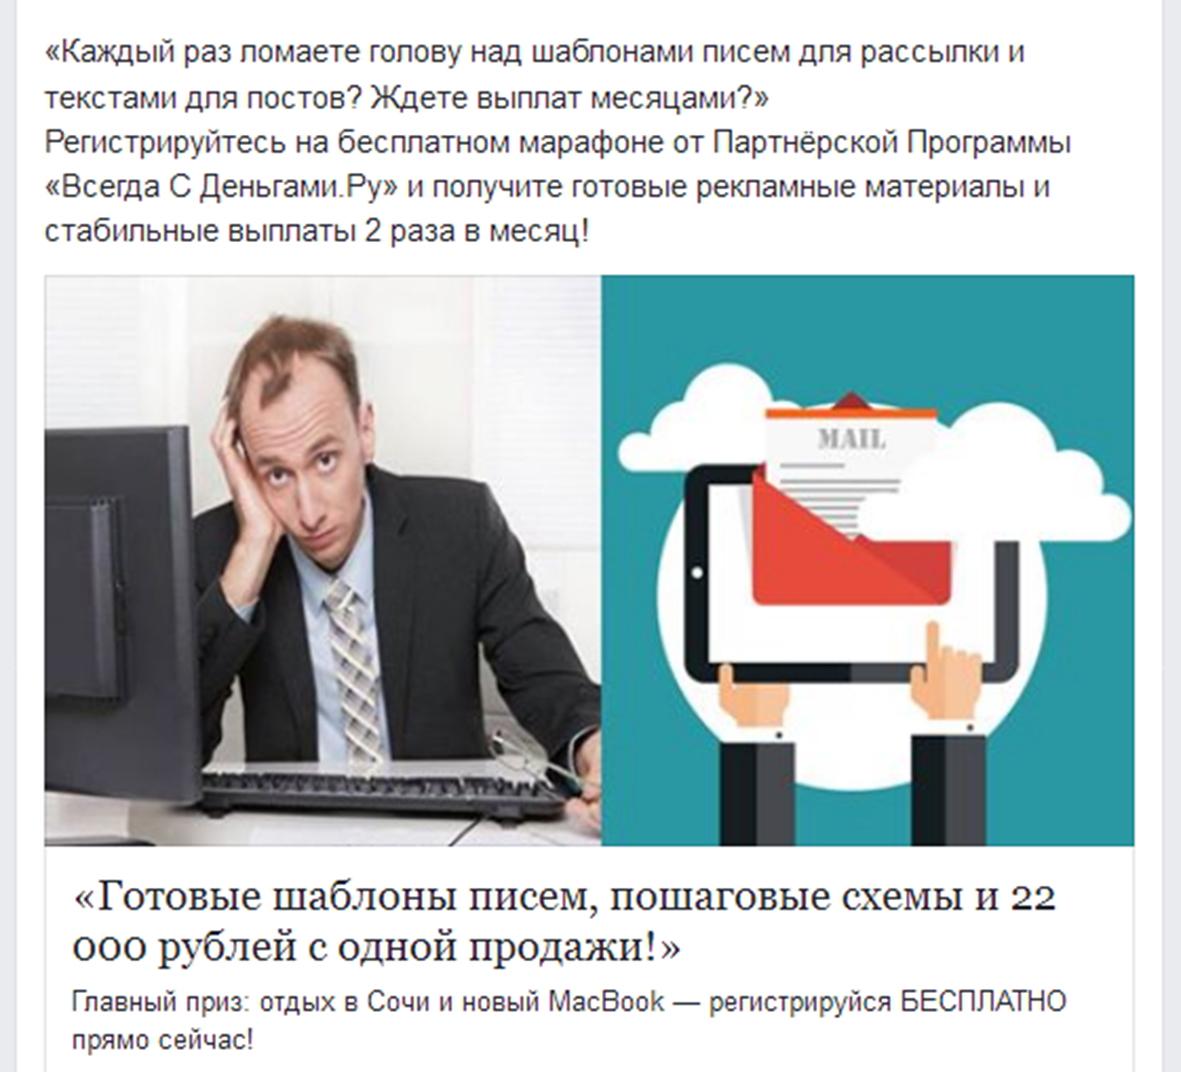 Следующее рекламное объявление, для пояснения пользователю, что получает клиент в рамках настройки рекламы в Инстаграм и Фейсбук.